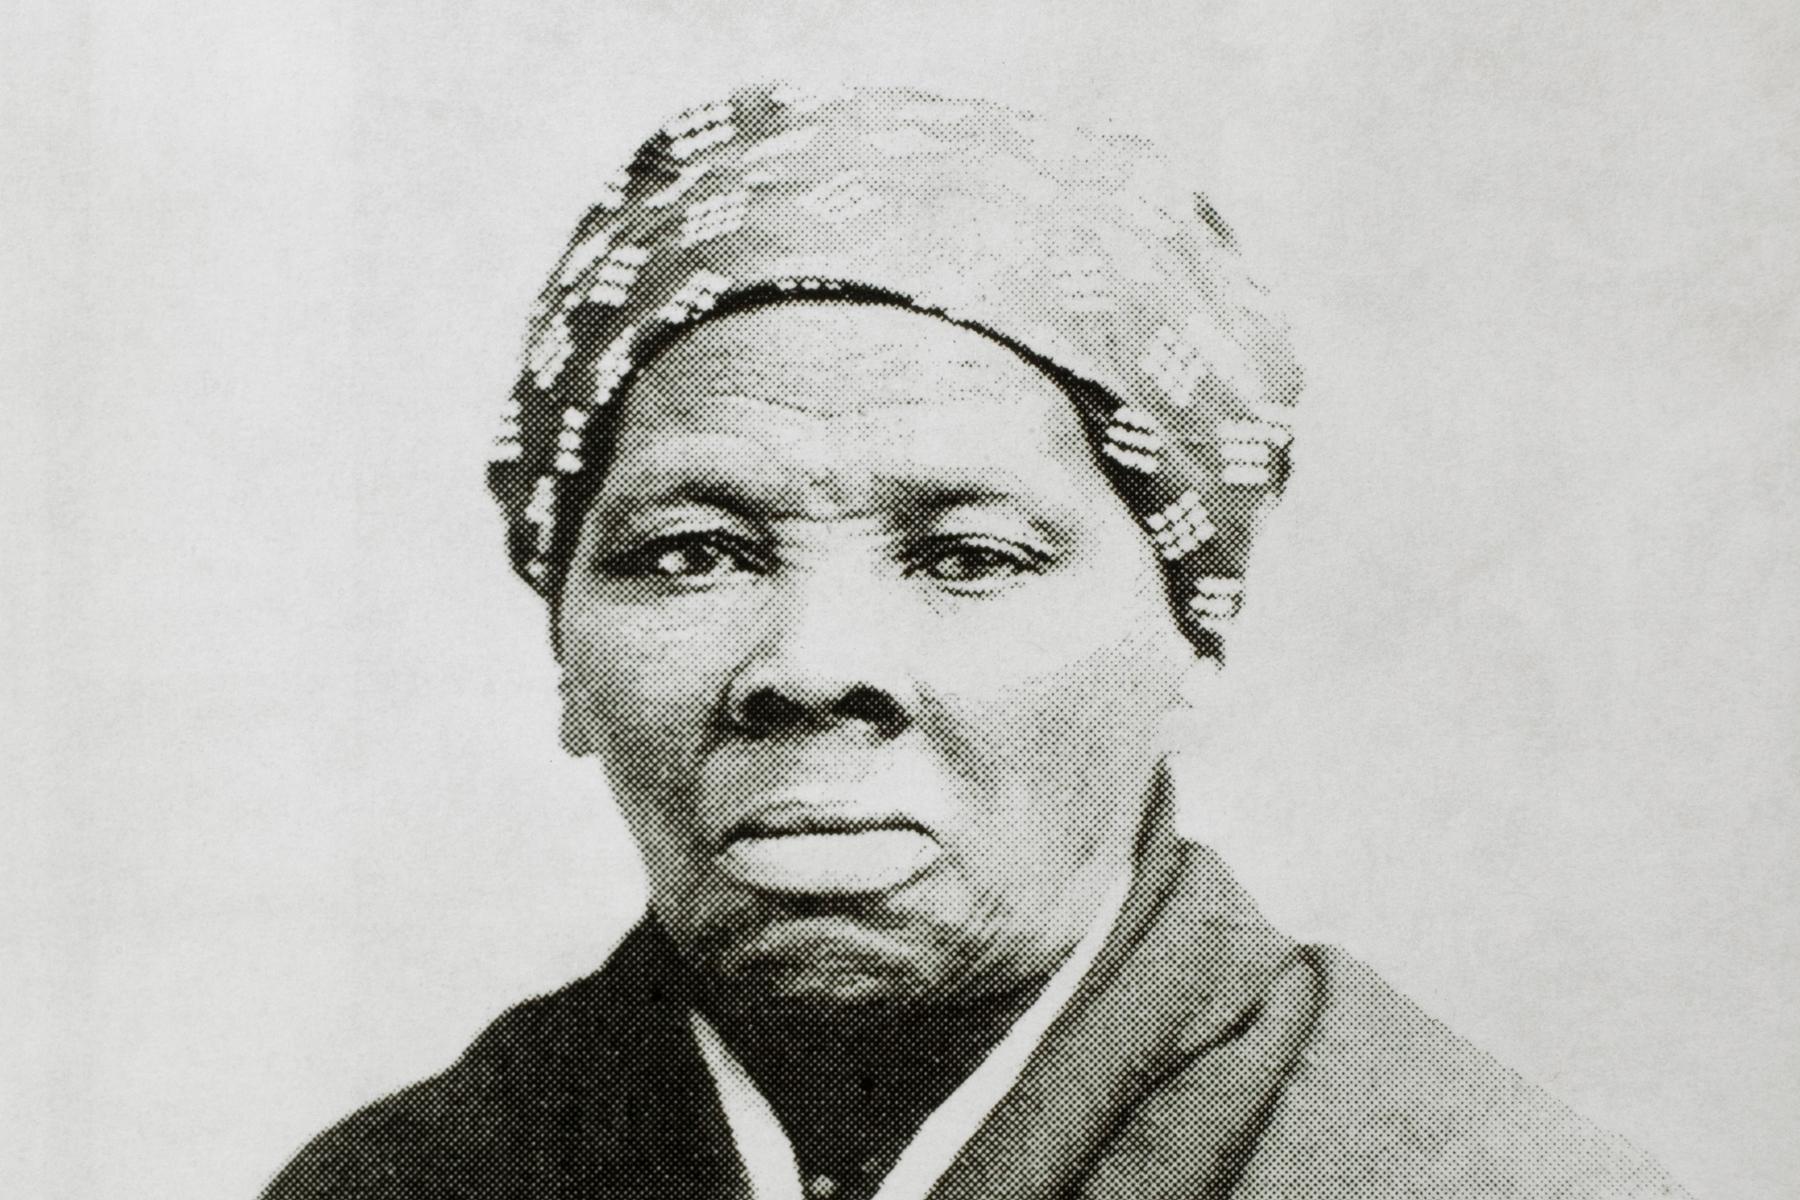 Biden Administration 'Taking Steps' to Put Harriet Tubman on $20 Bill